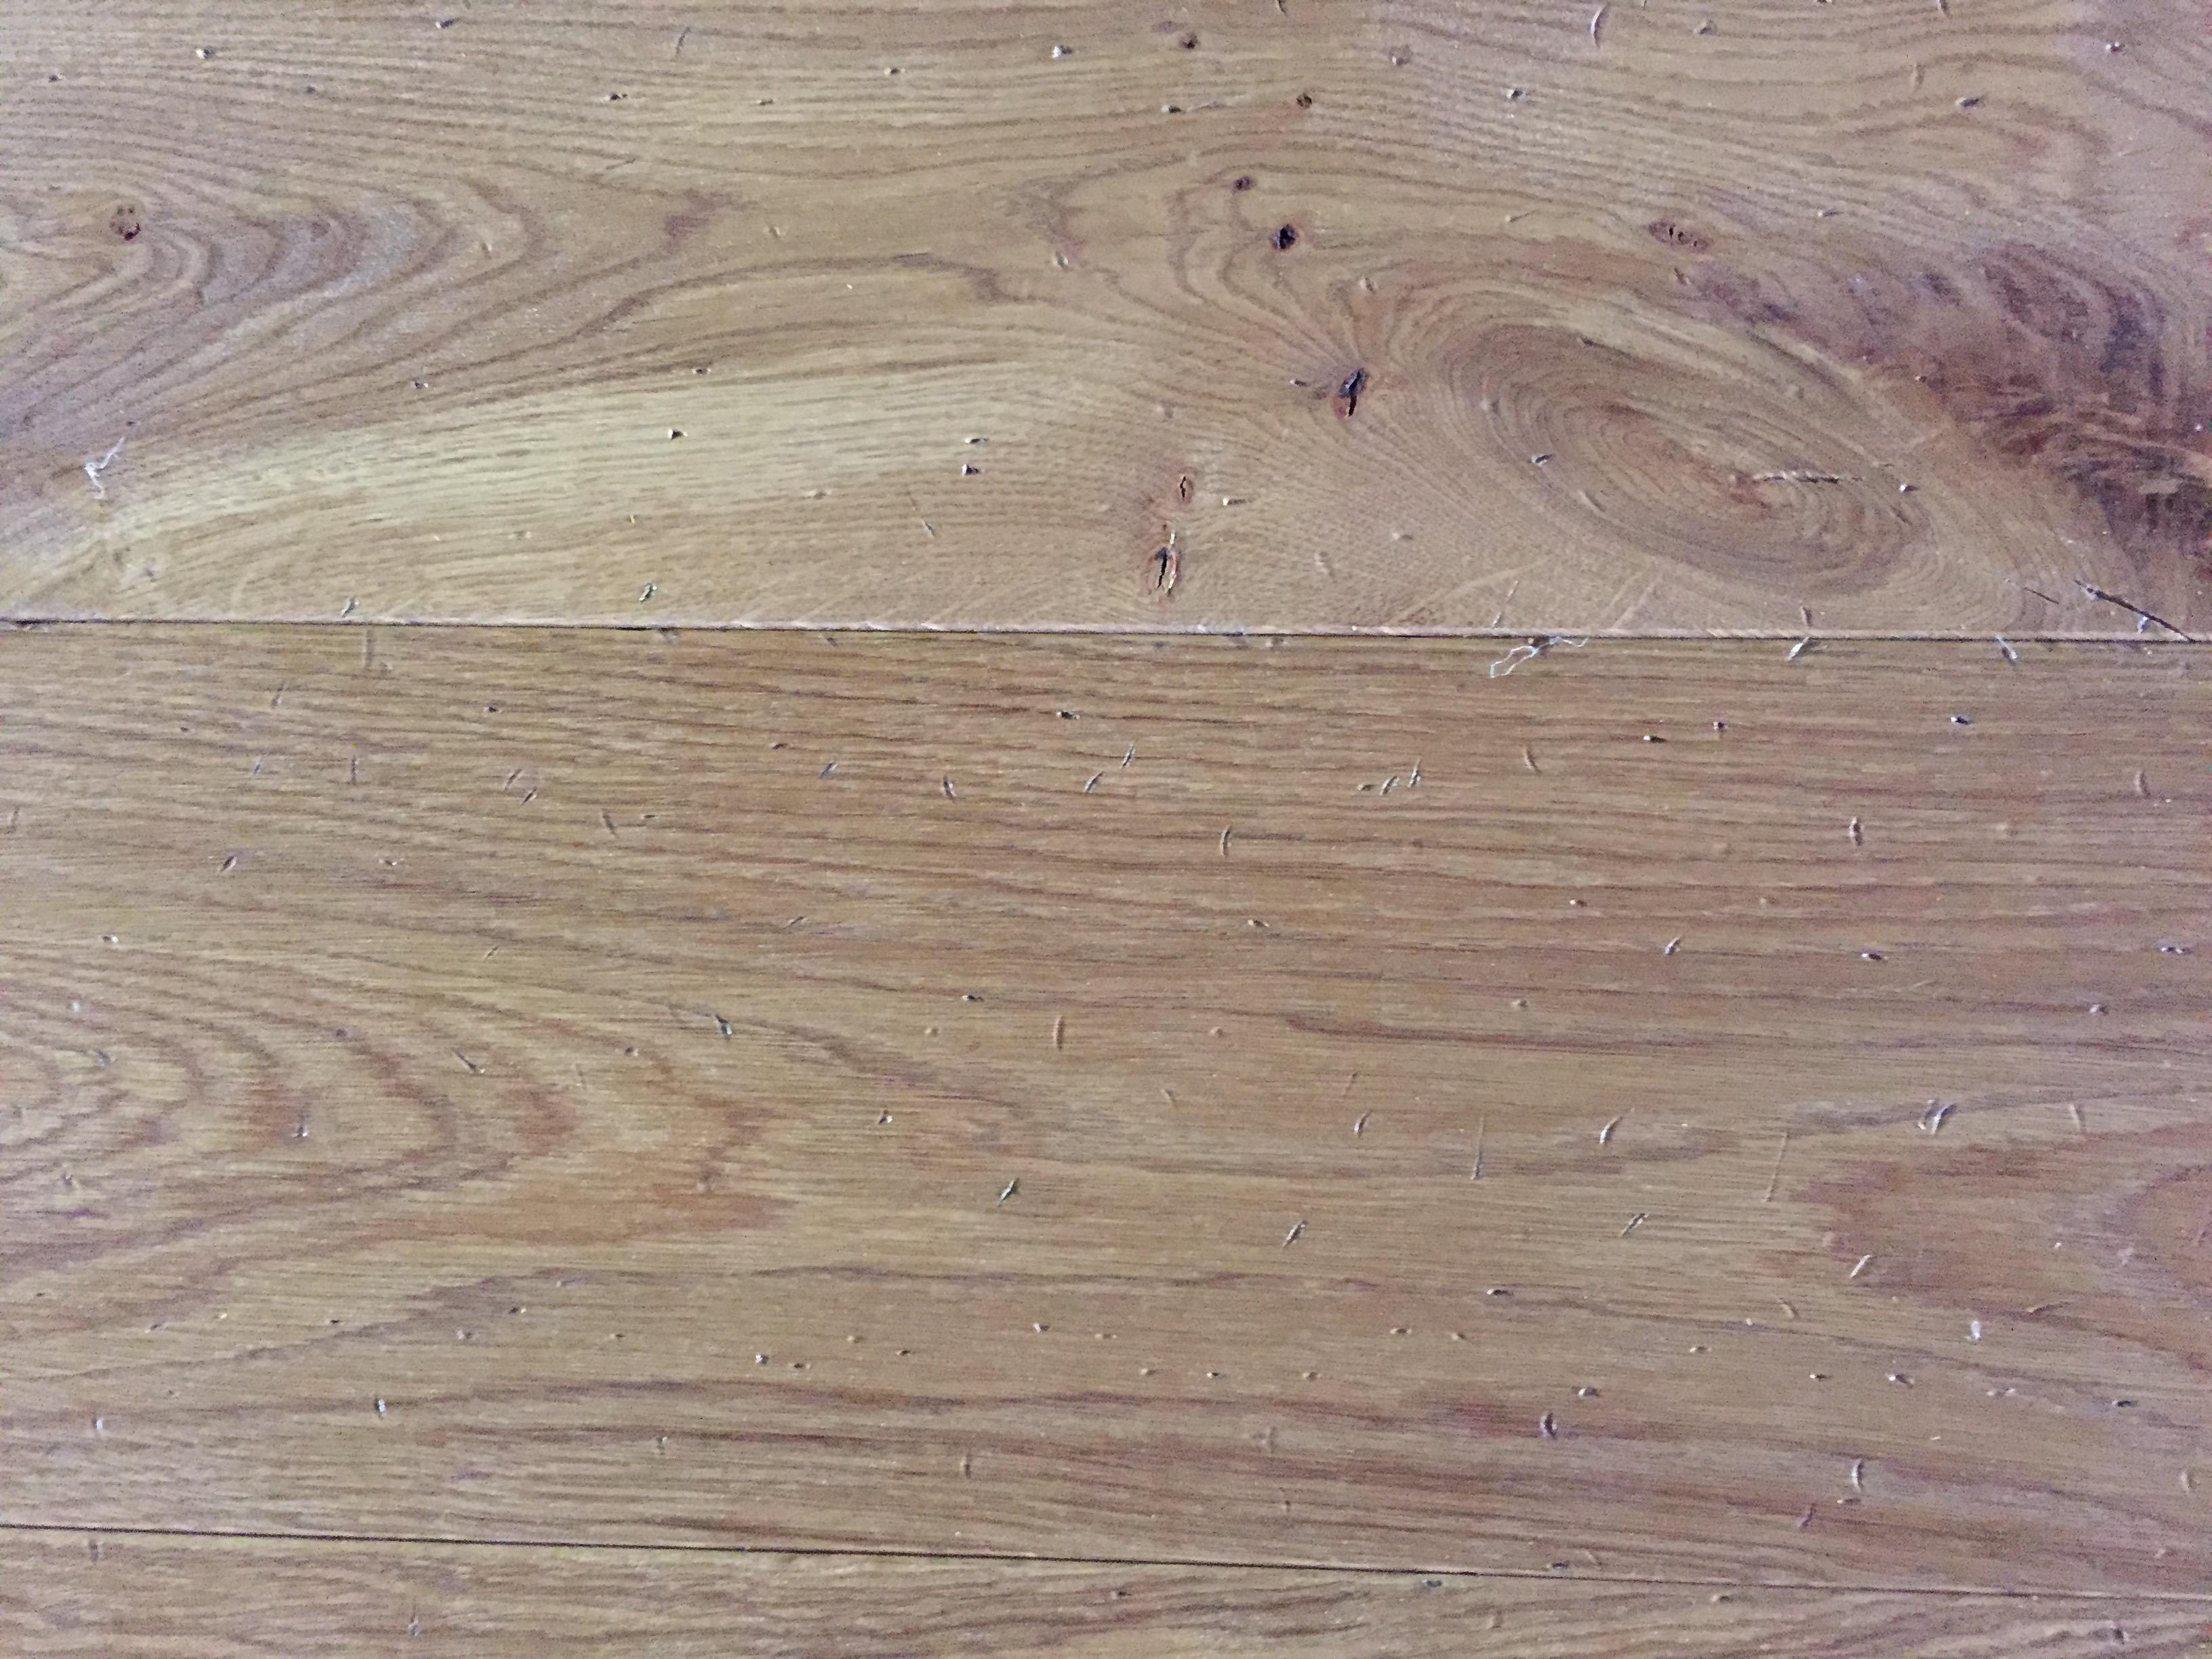 Oude Houten Vloeren : Oude houten vloer oude pastorie vloer concrete u2013 oude houten vloer